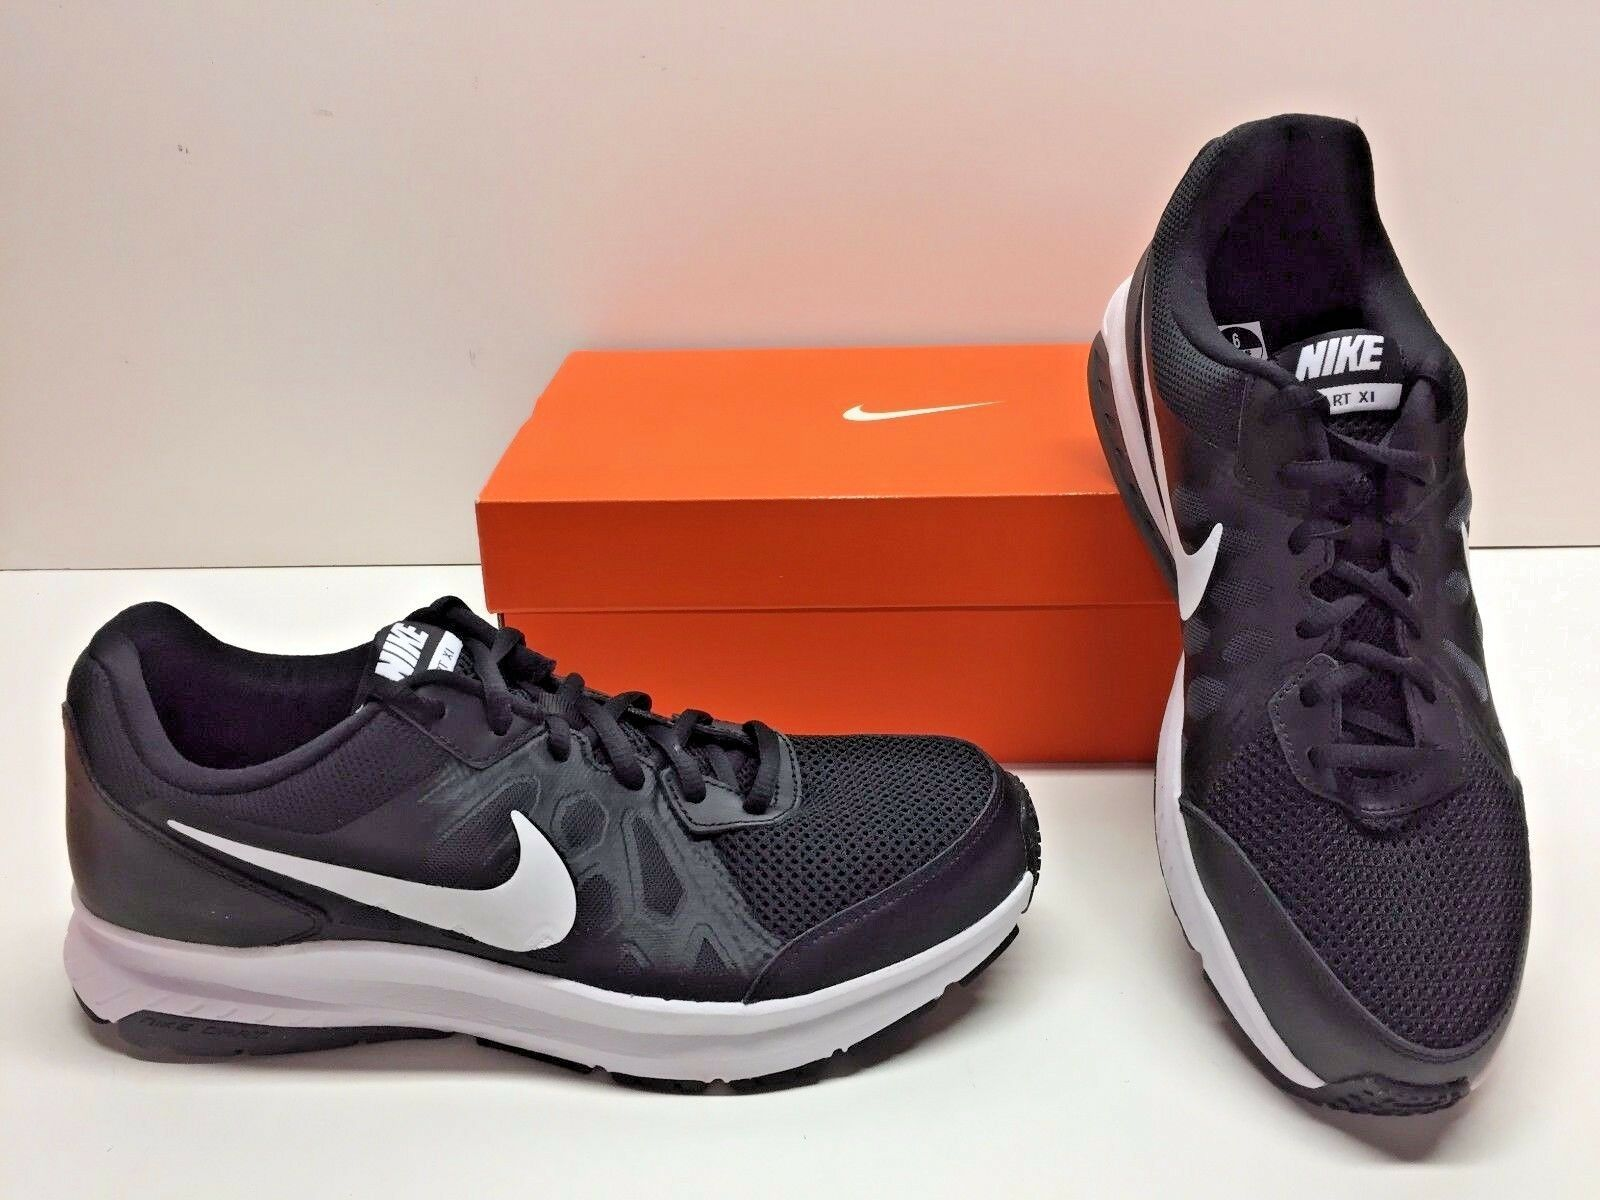 Nike dardo grigio 11 xi in nero, grigio dardo e bianco e scarpe da ginnastica atletica formazione scarpe Uomo 9 e8c943